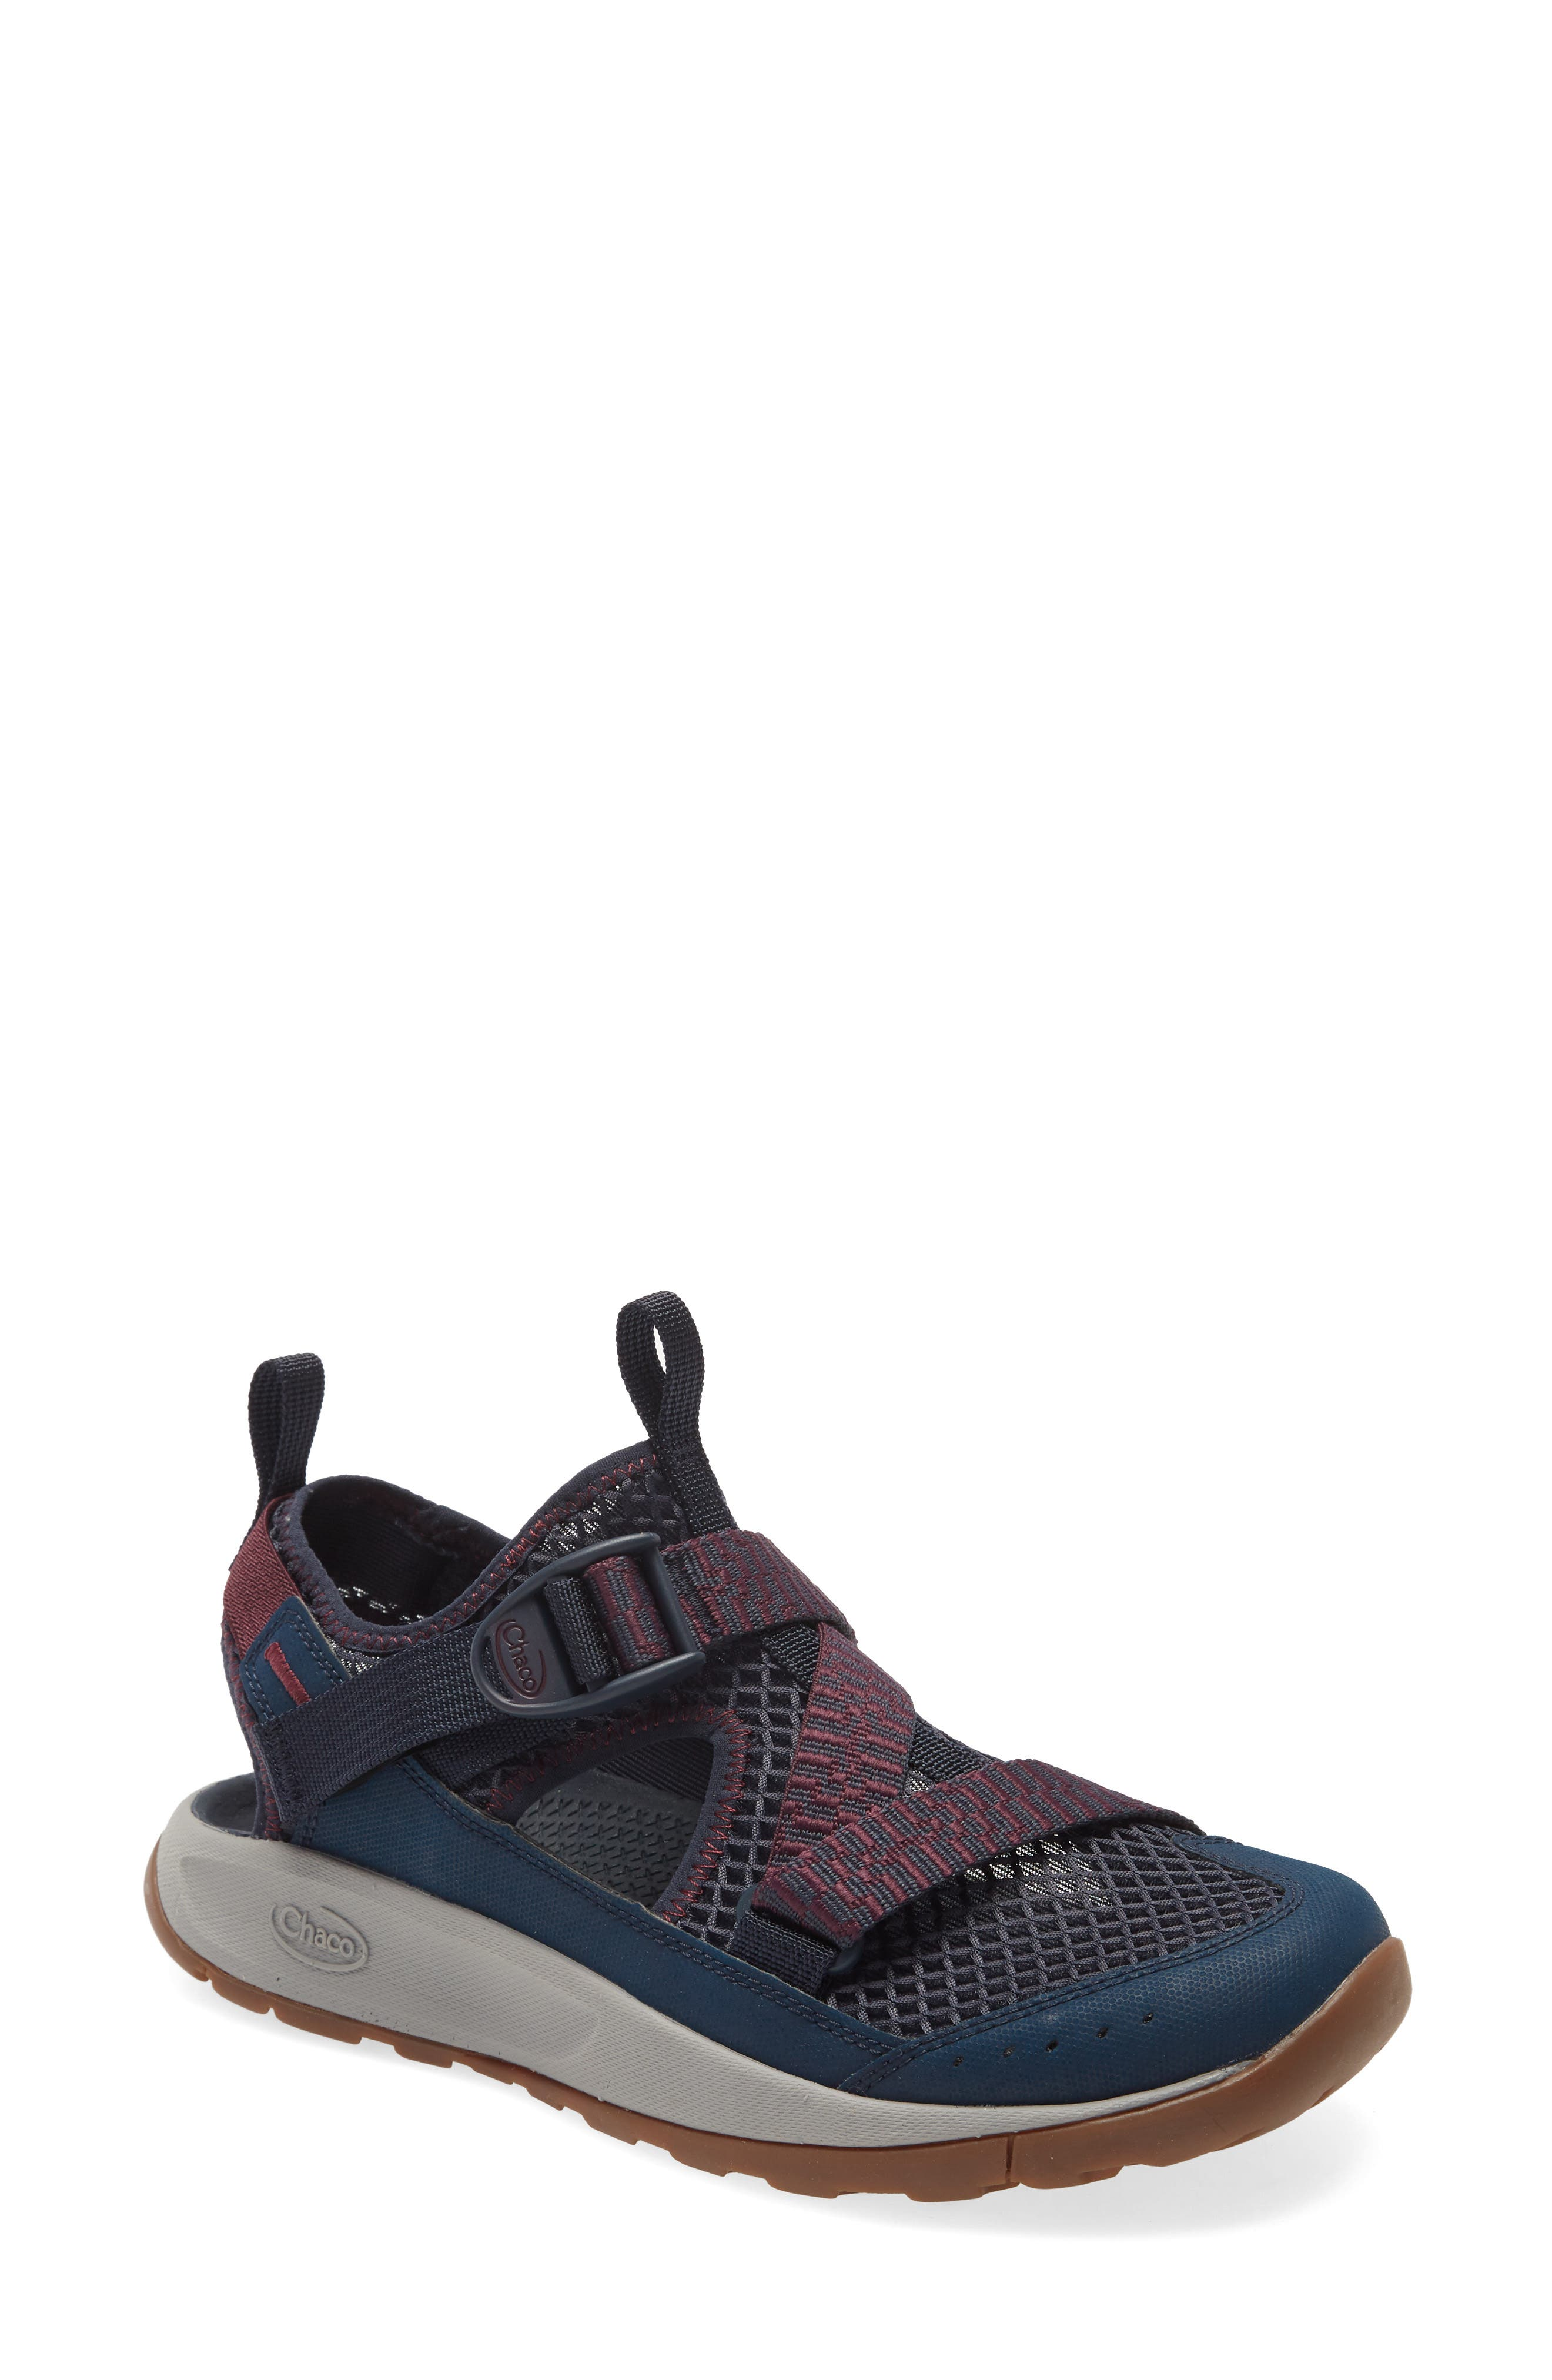 Odyssey Amphibious Hiking Shoe